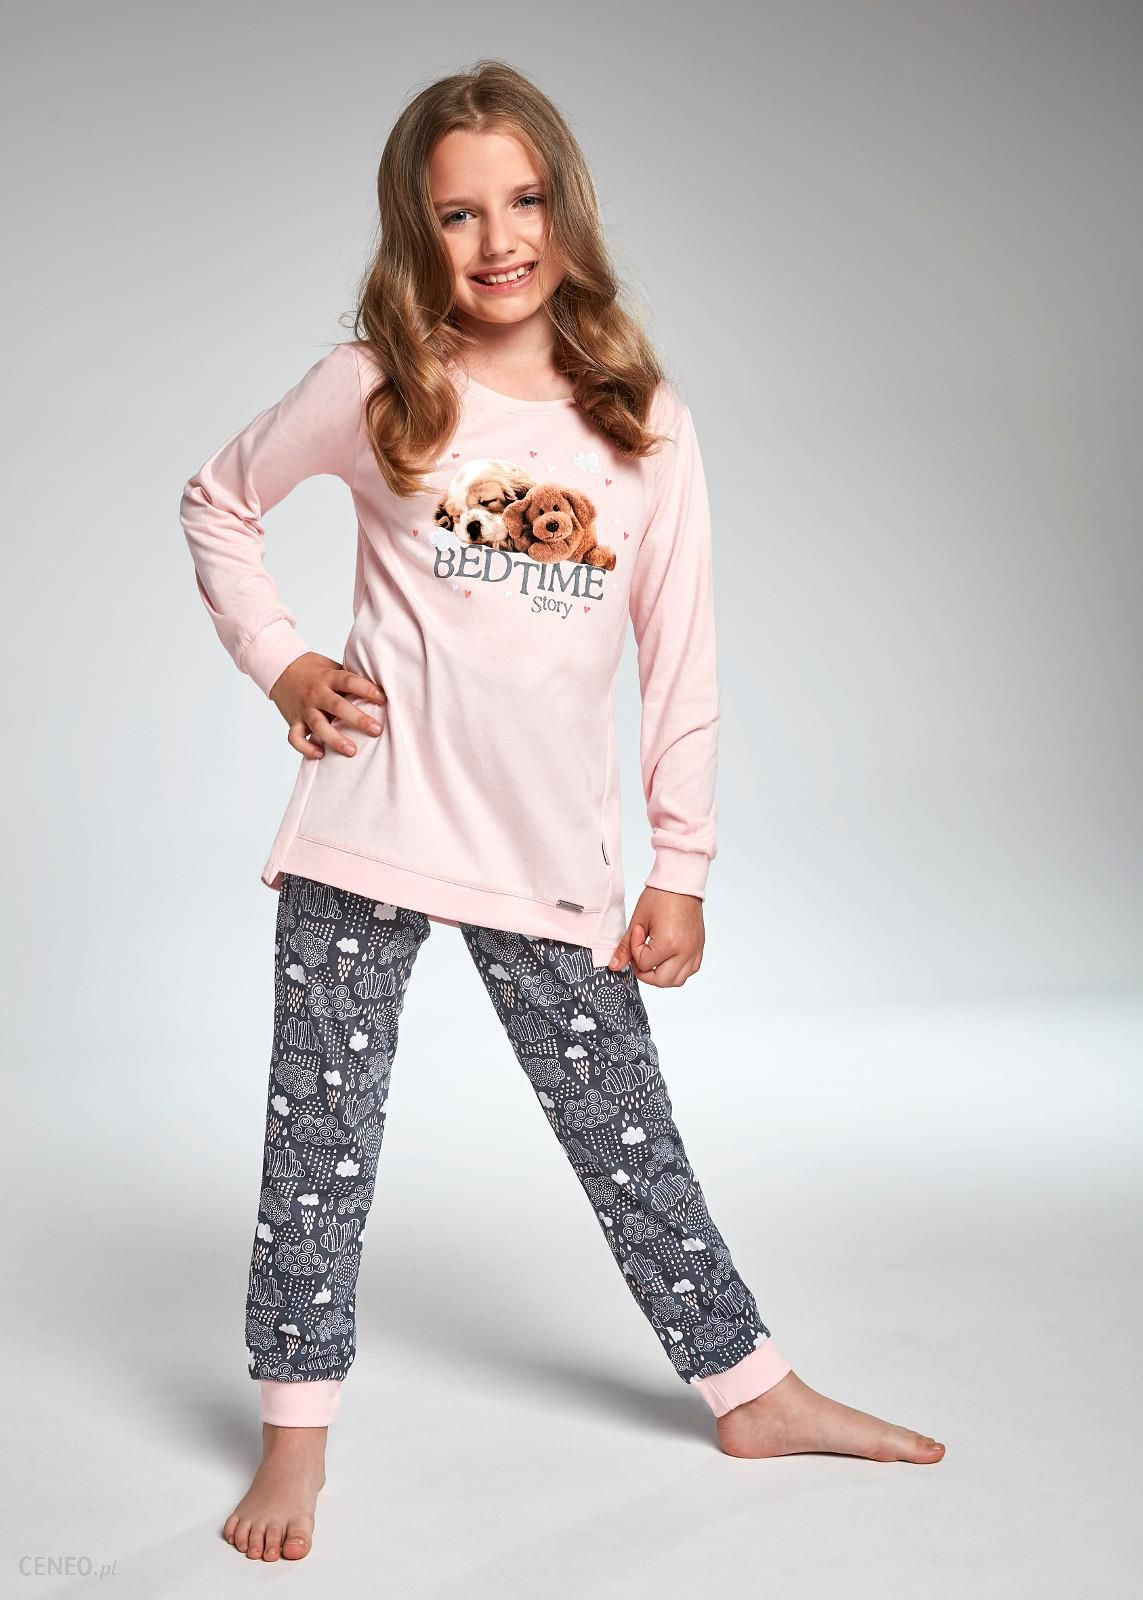 2fedeb3e014364 Piżama Cornette Kids Girl 035/101 Bedtime Story dł/r 86-128 ROZMIAR ...